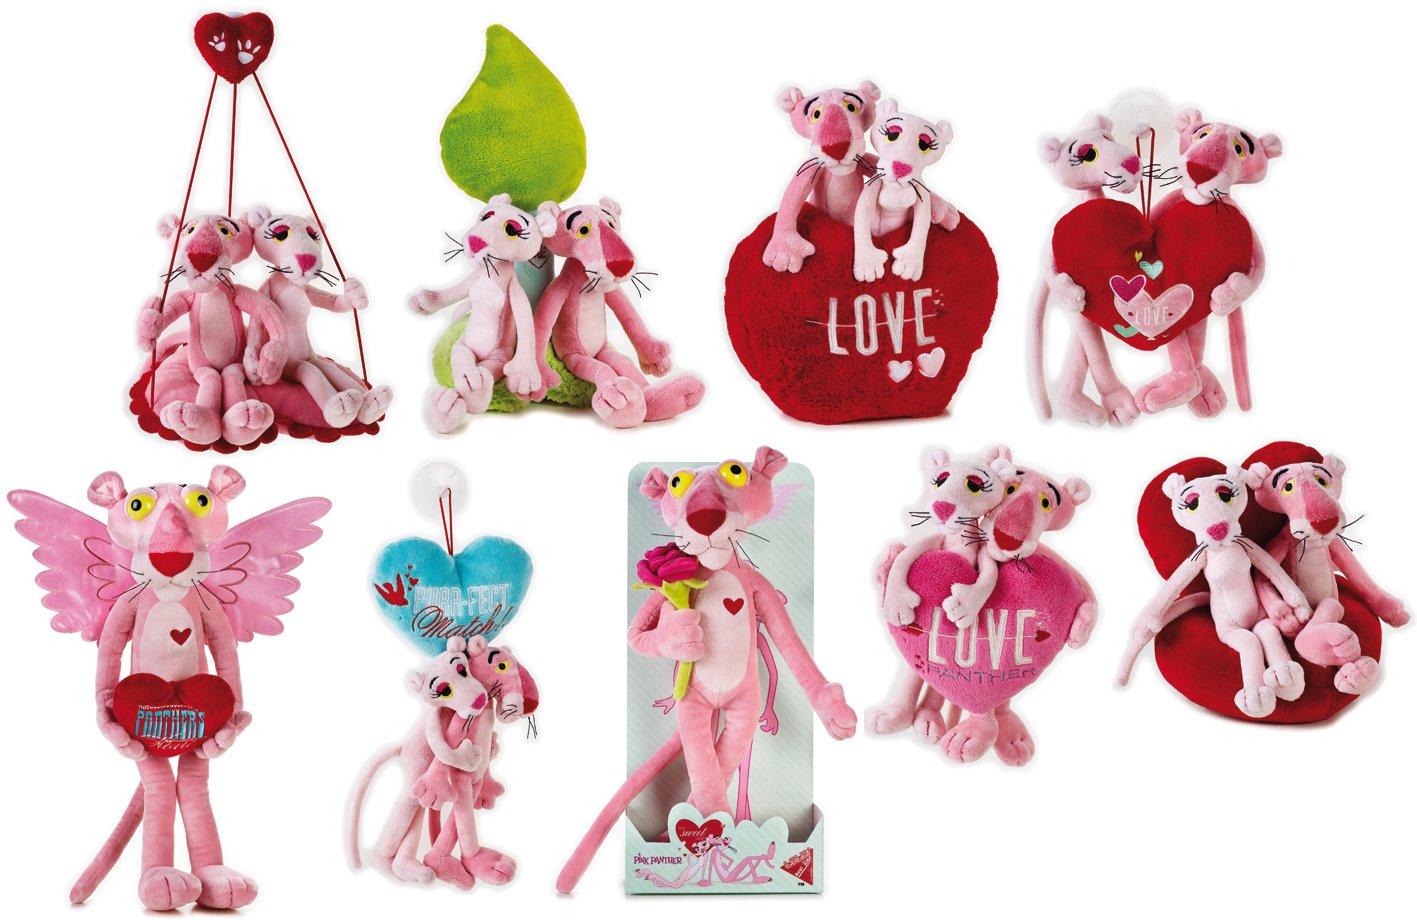 Lelly Surtido de Peluche de San Valentín Panther (Rosa): Amazon.es: Juguetes y juegos